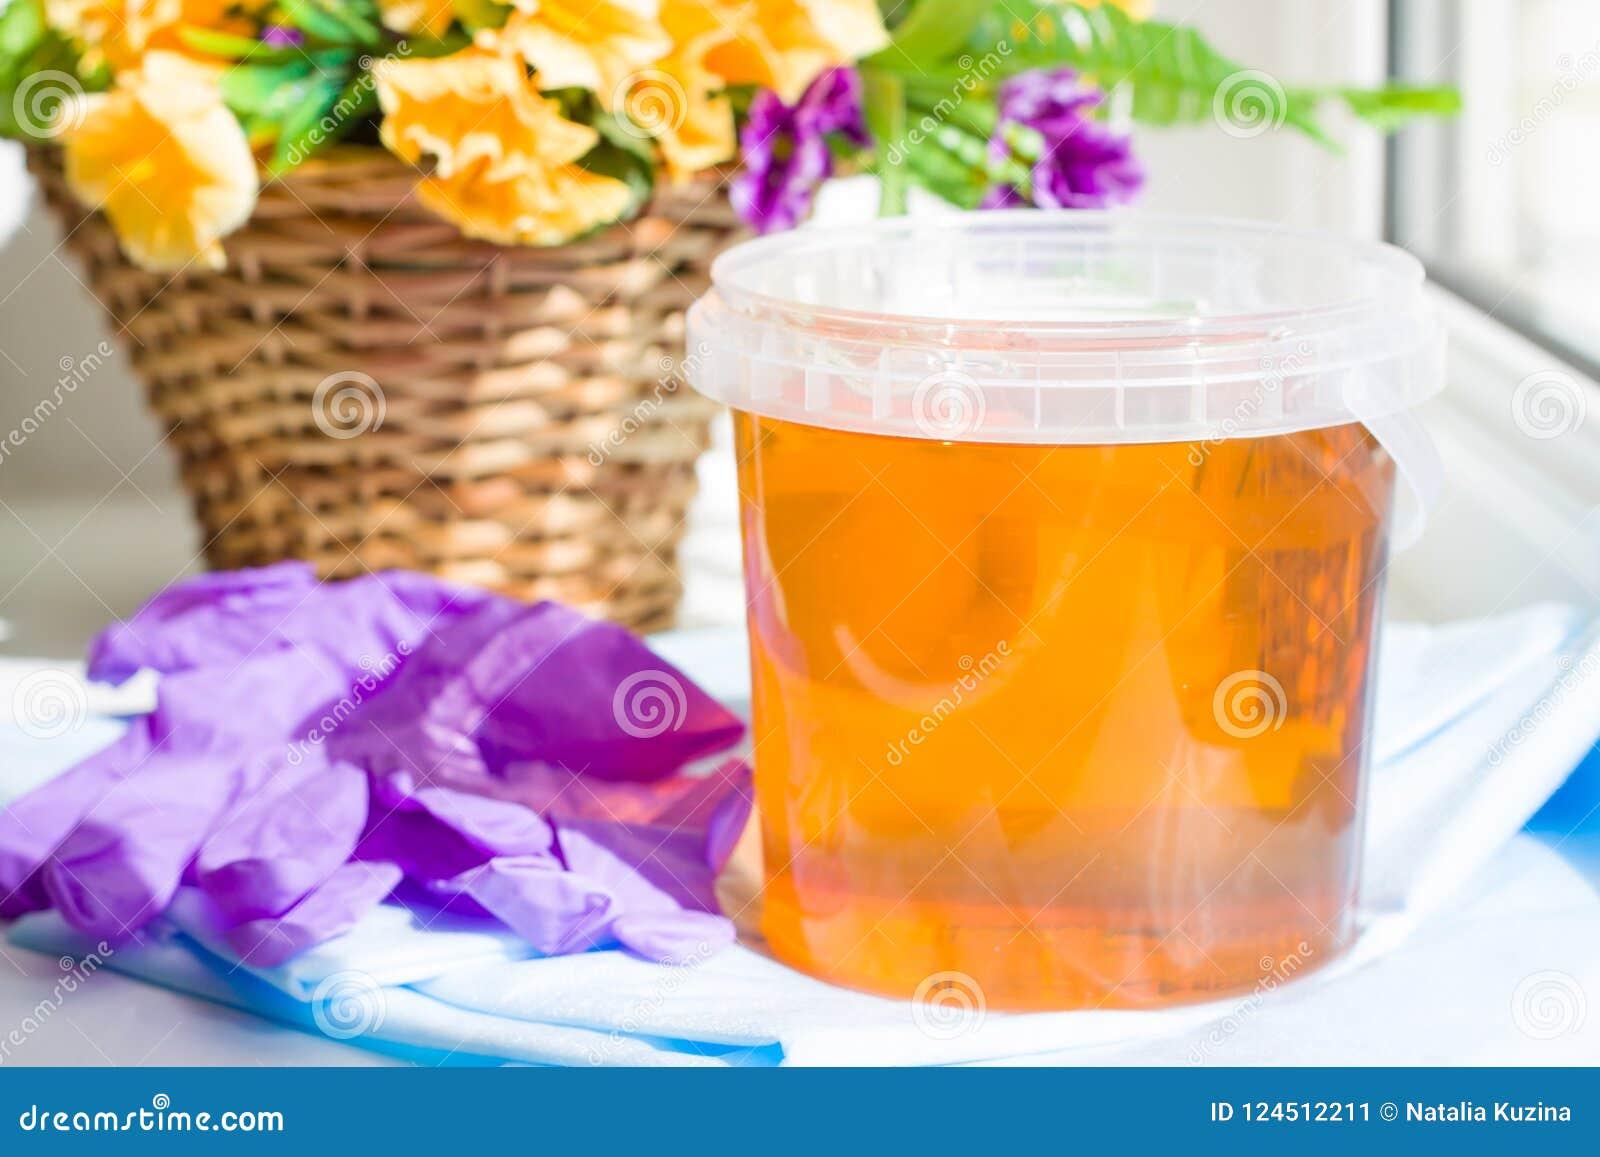 瓶子糖酱或蜡蜂蜜的构成去除与紫色手套和花的头发的-去壳和秀丽概念